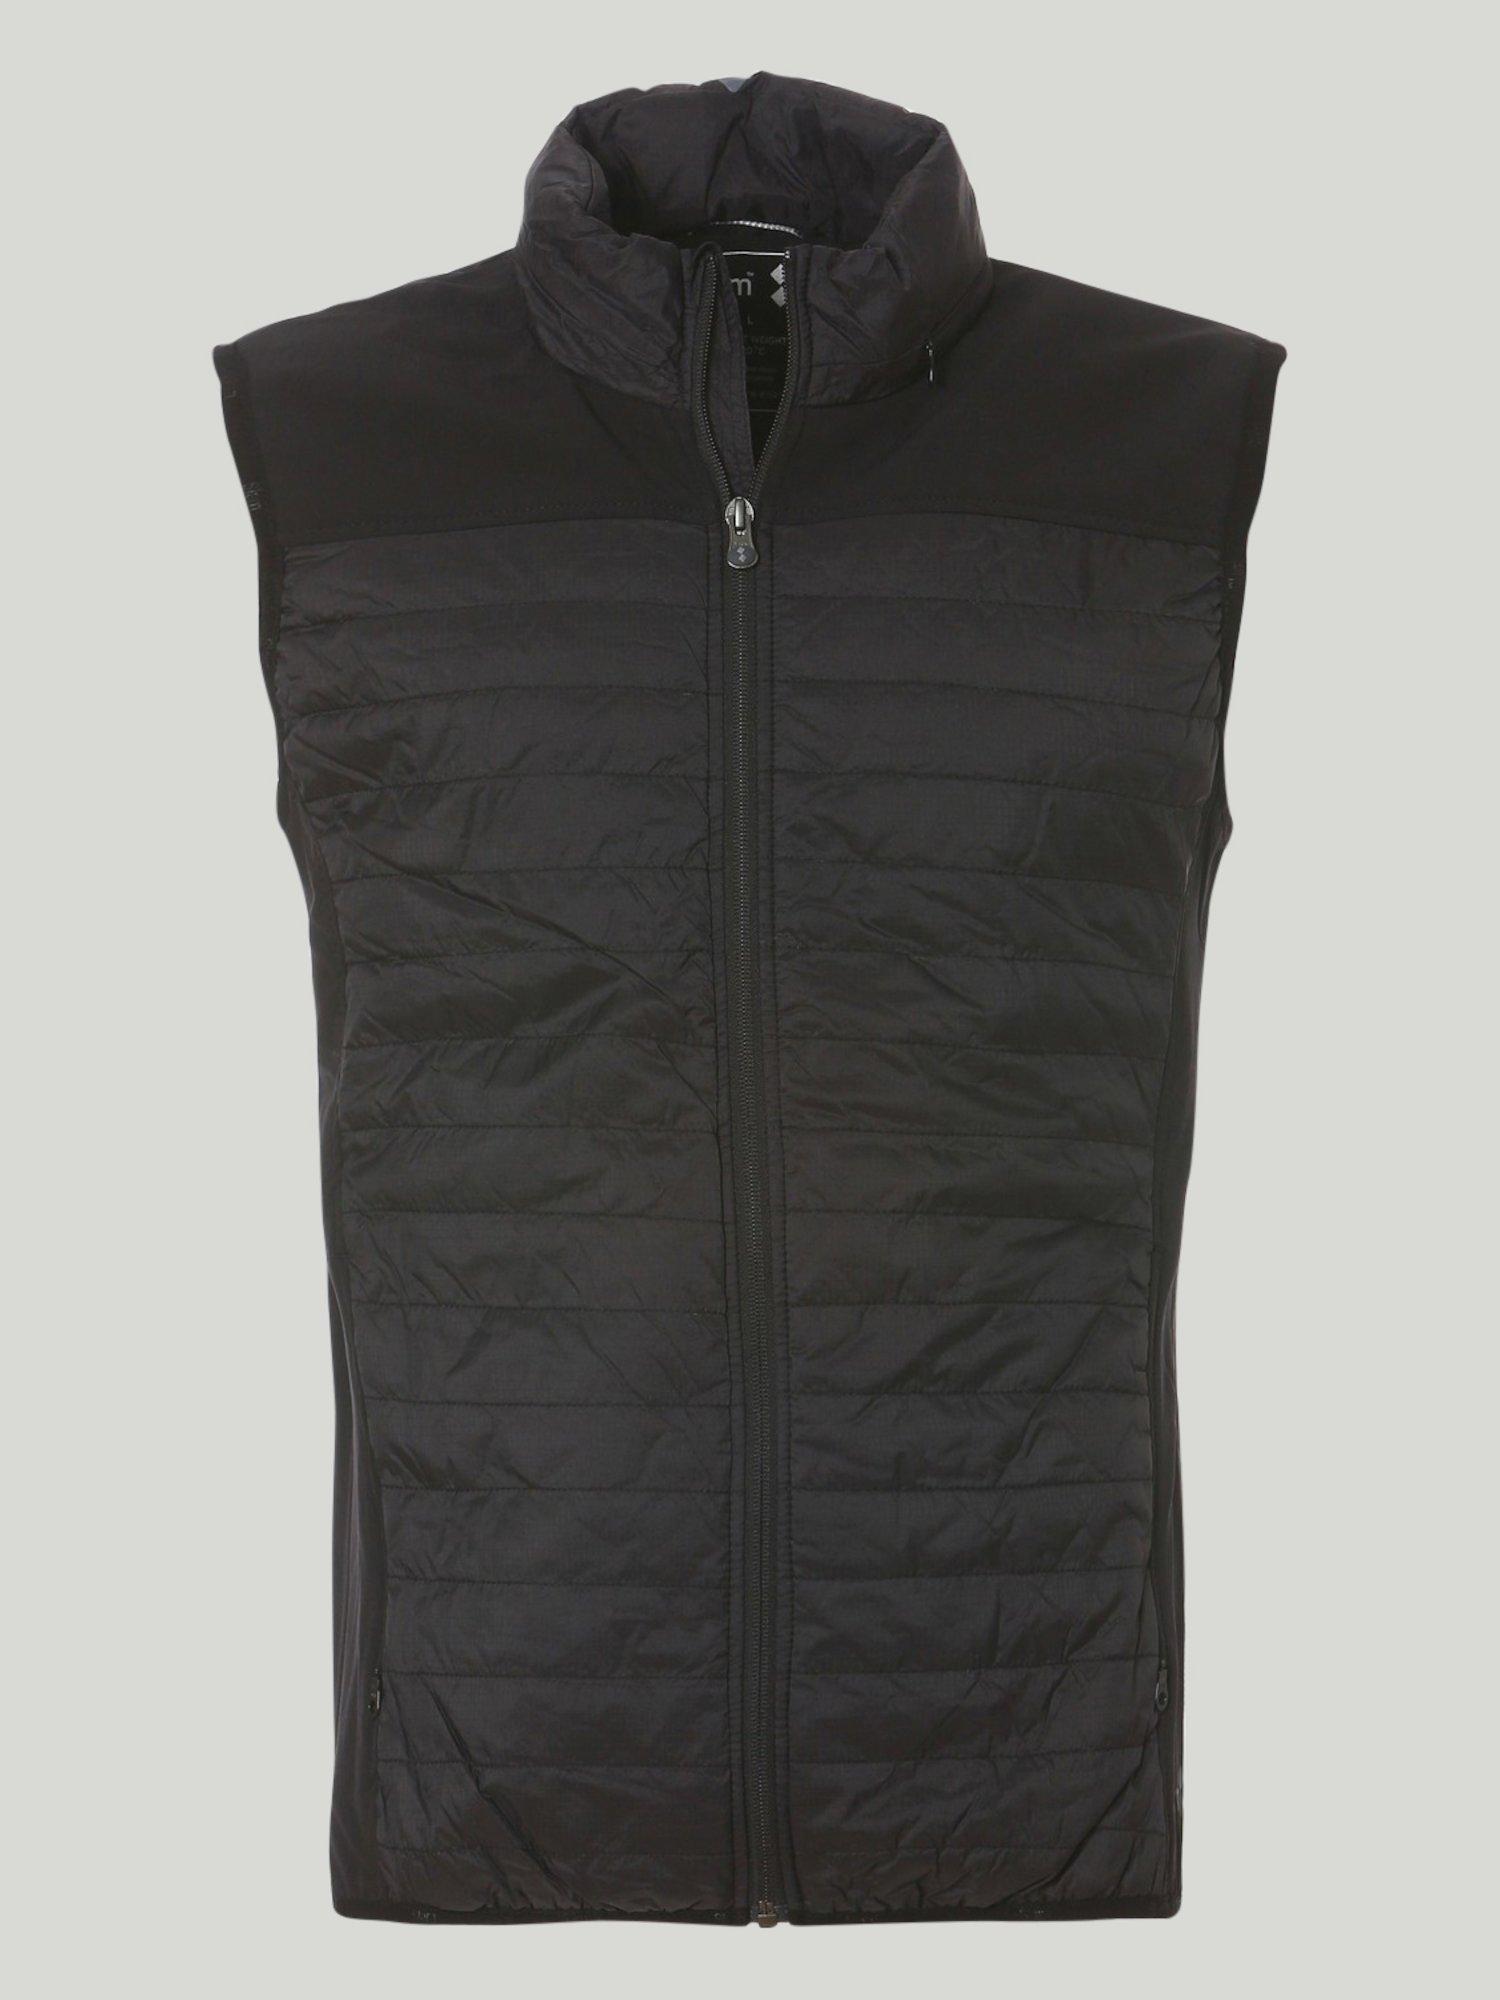 Vest Blow Evo (MRW) - Black